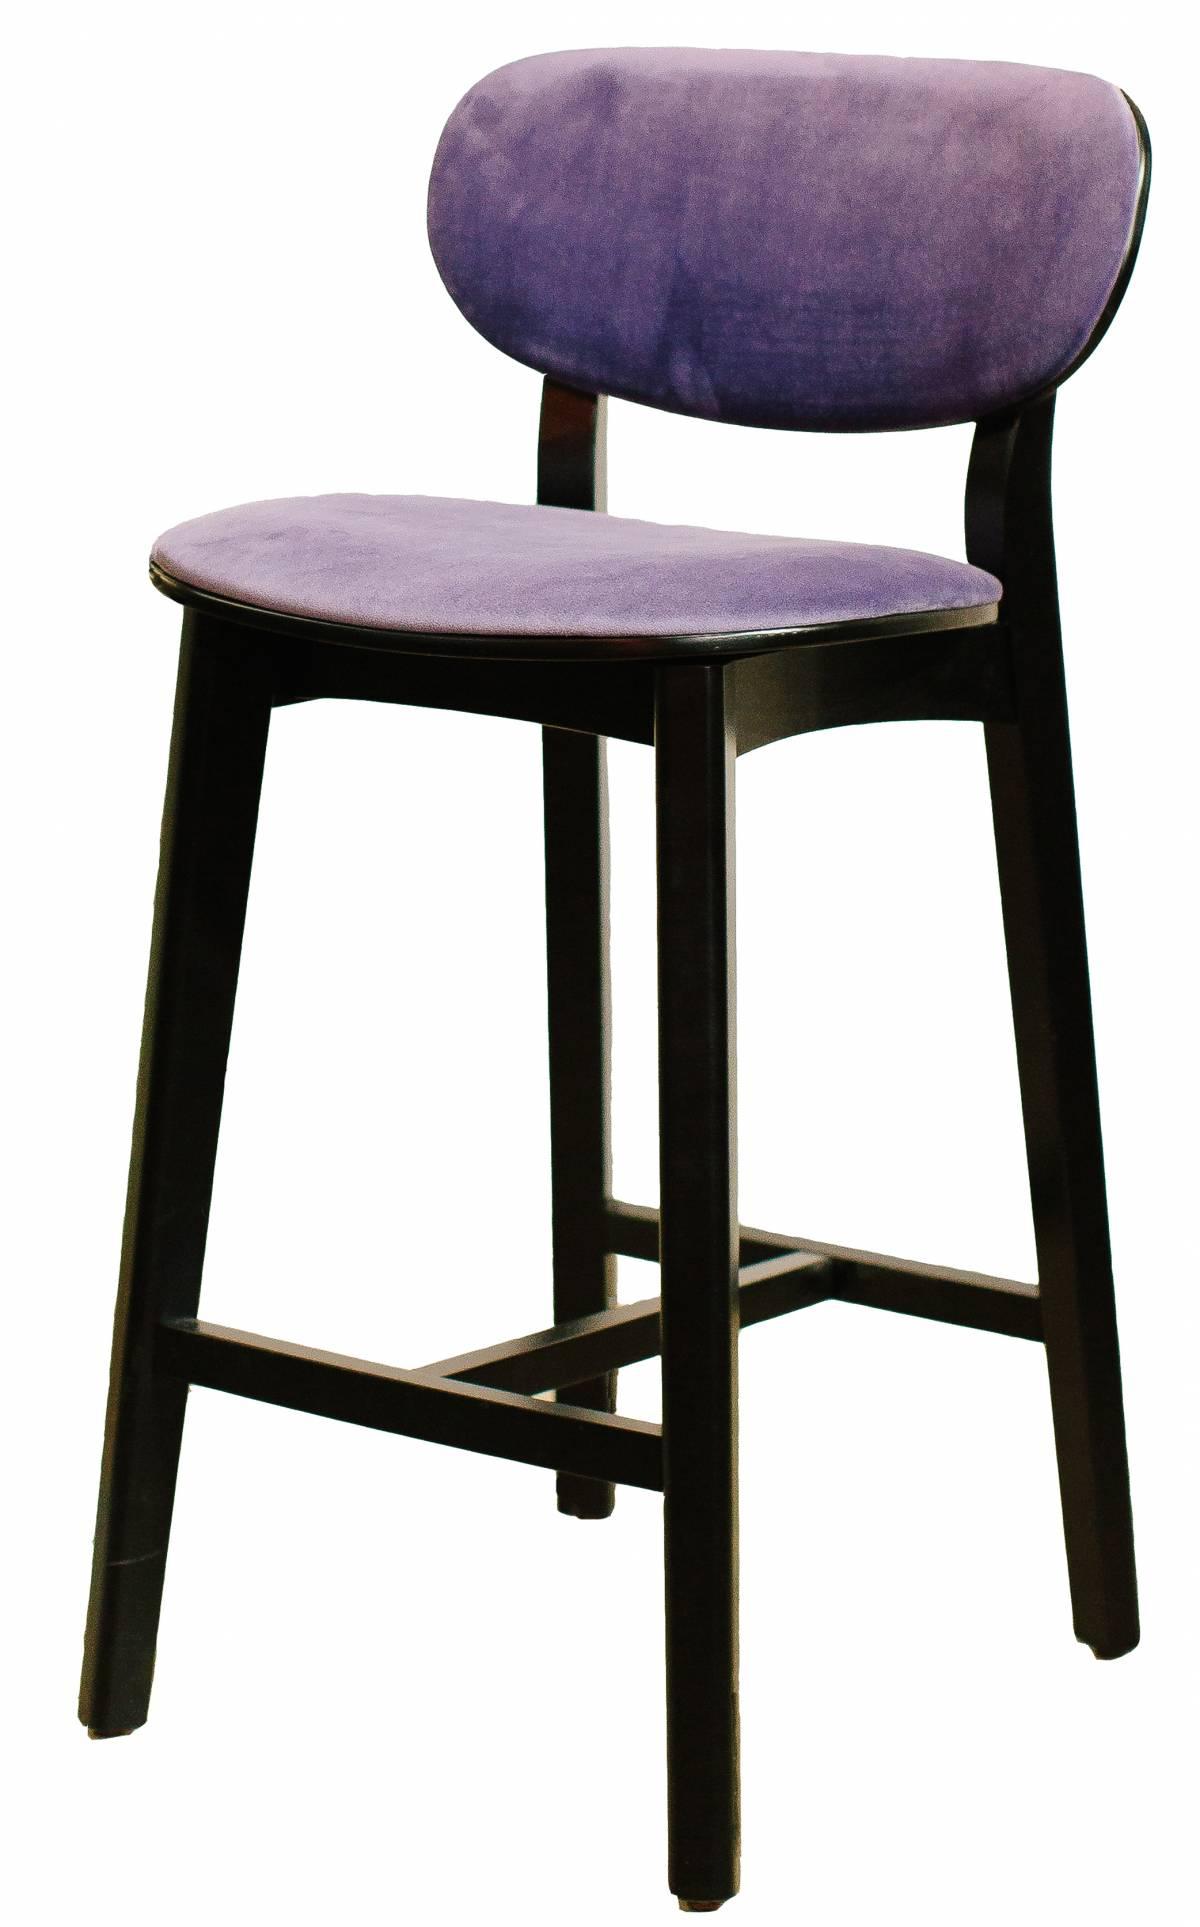 Купить стул барный Ginger S в Raroom